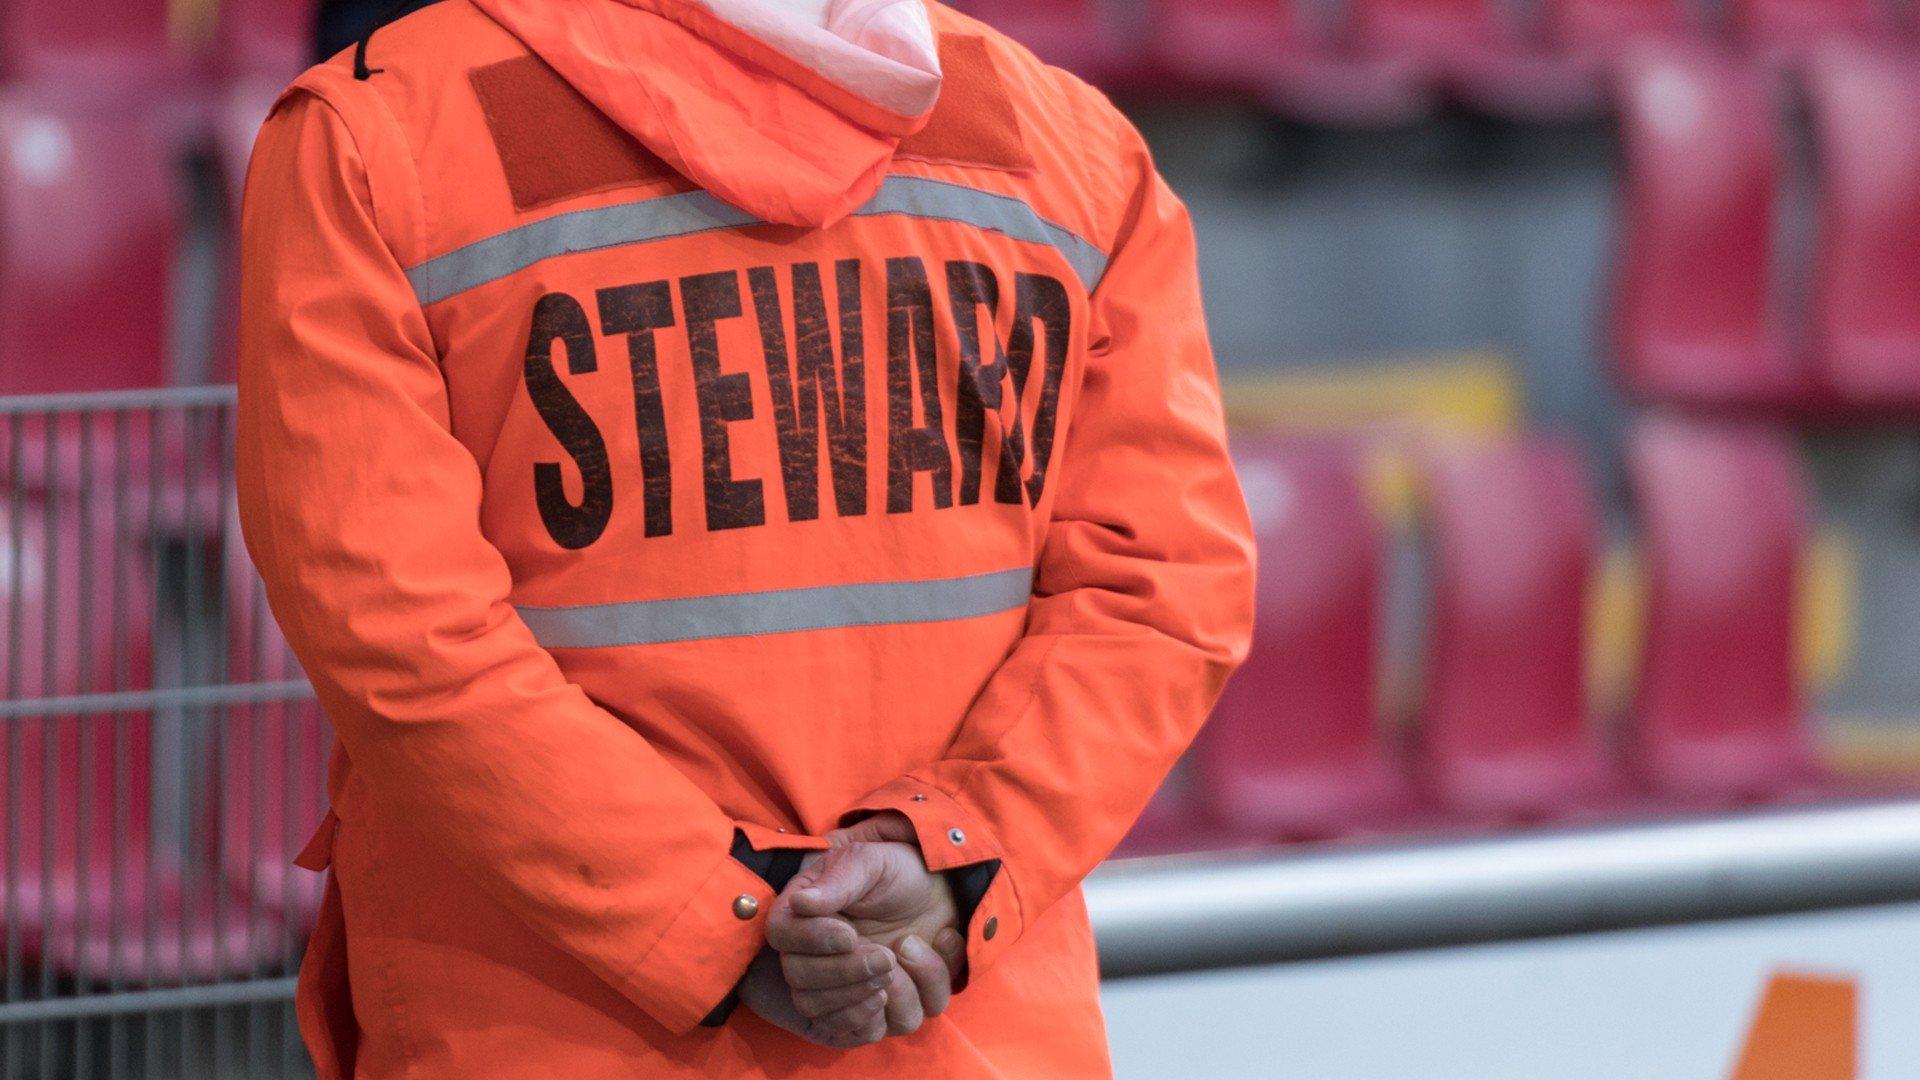 Steward.jpg